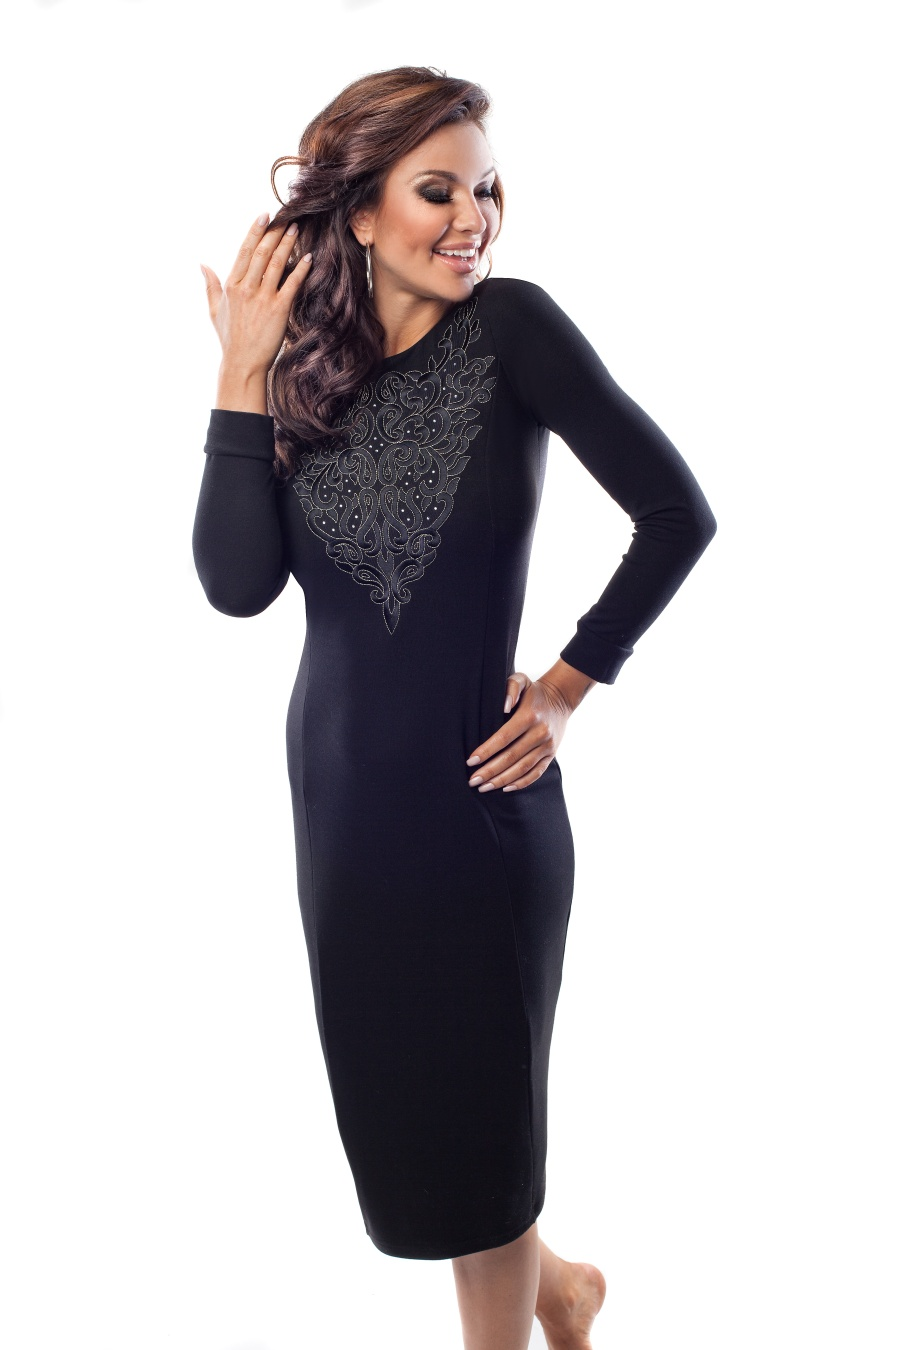 63aad63f2e55 Черные платья купить в интернет магазине